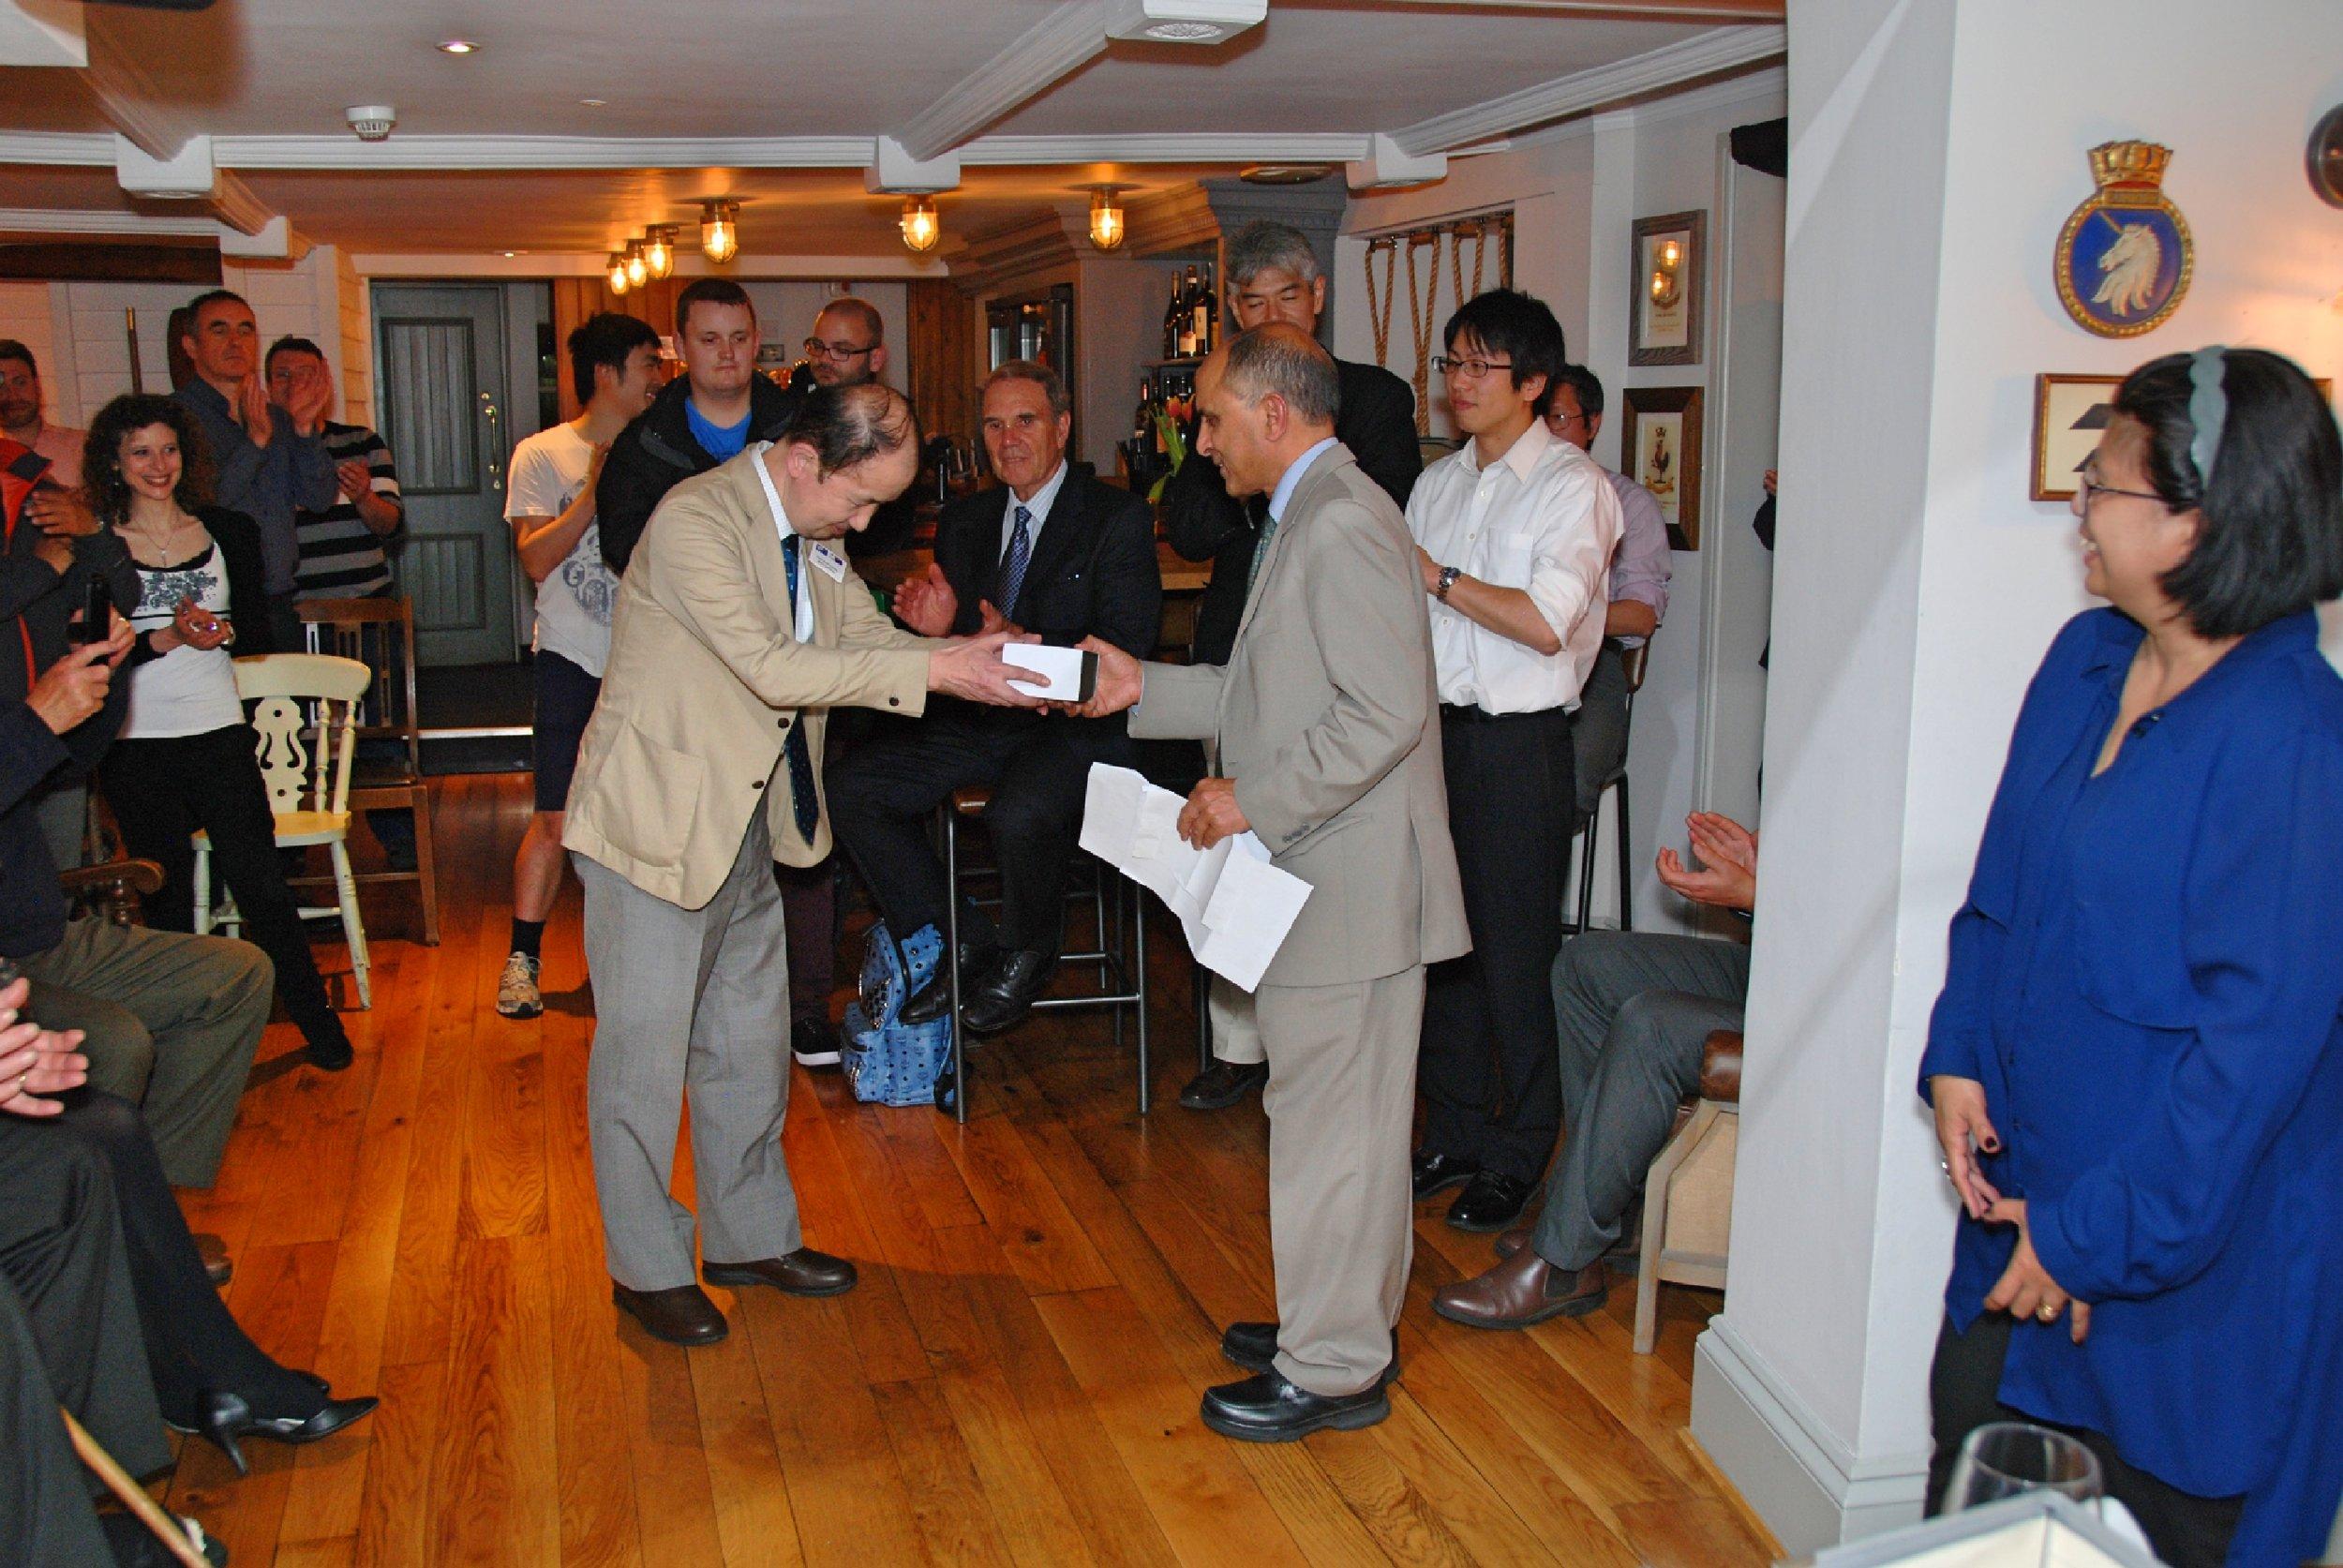 Award being presented to Prof. Kazunari Fujiyama of Meijo University, Japan